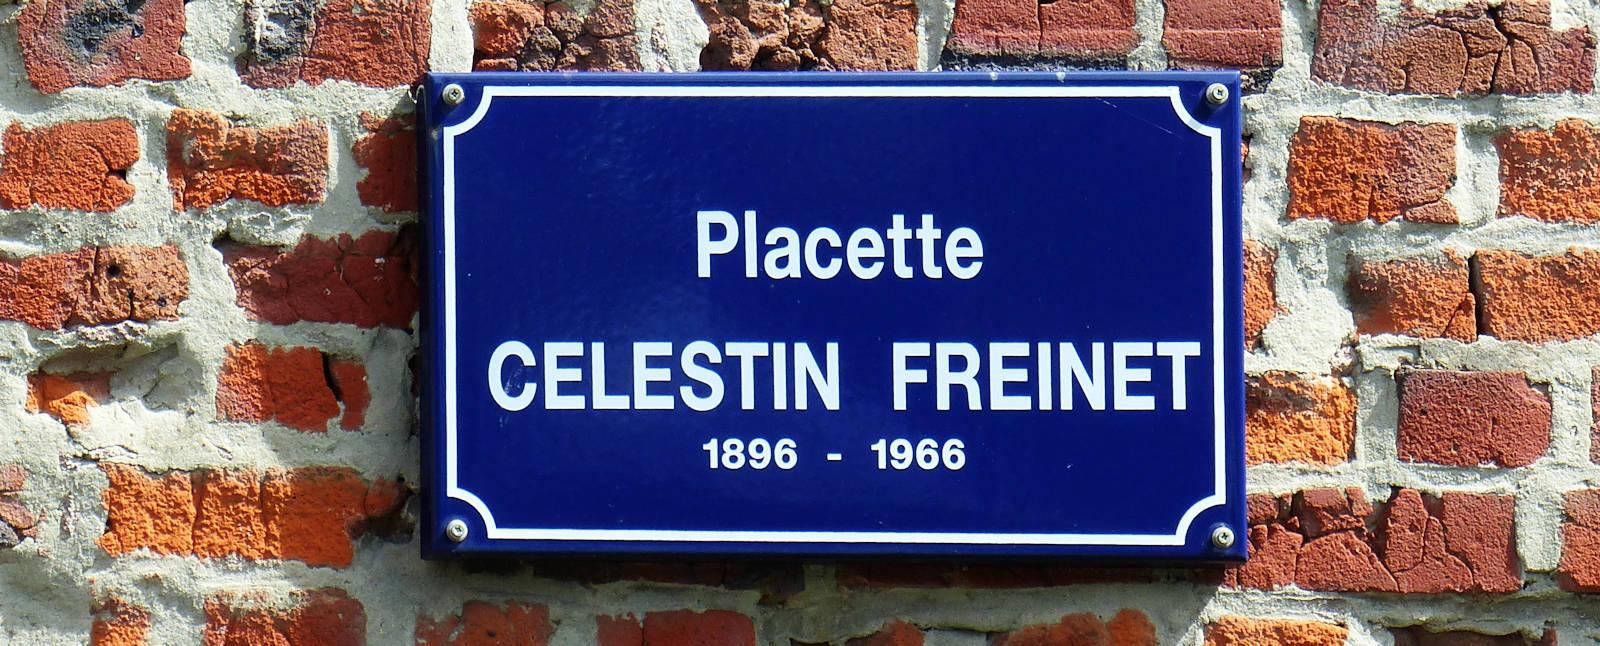 Tourcoing - Placette Célestin Freinet